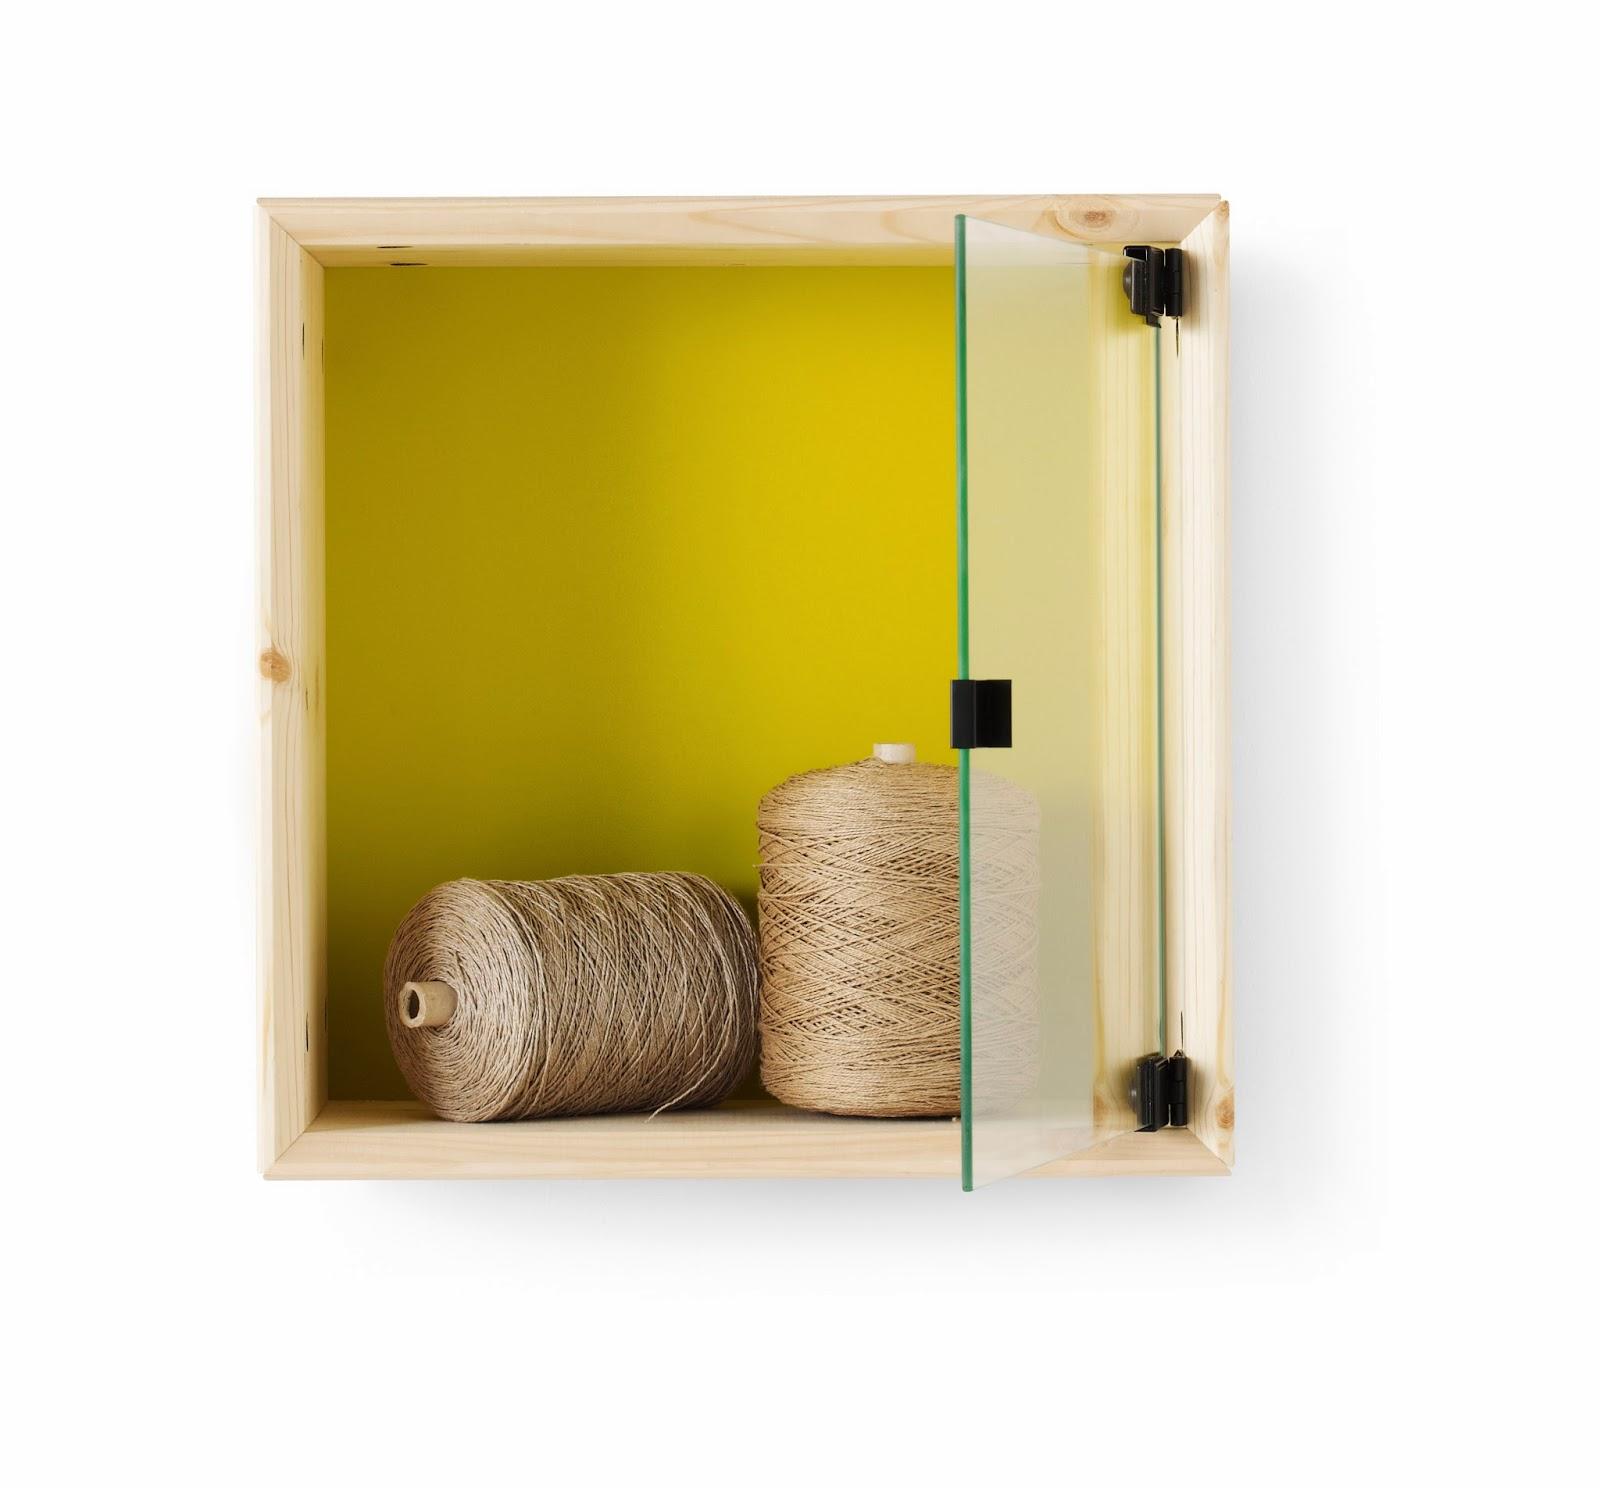 Norn S La Primera Serie De Ikea Pensada Para El Diy Mi Llave Allen # Hackeando Muebles De Ikea